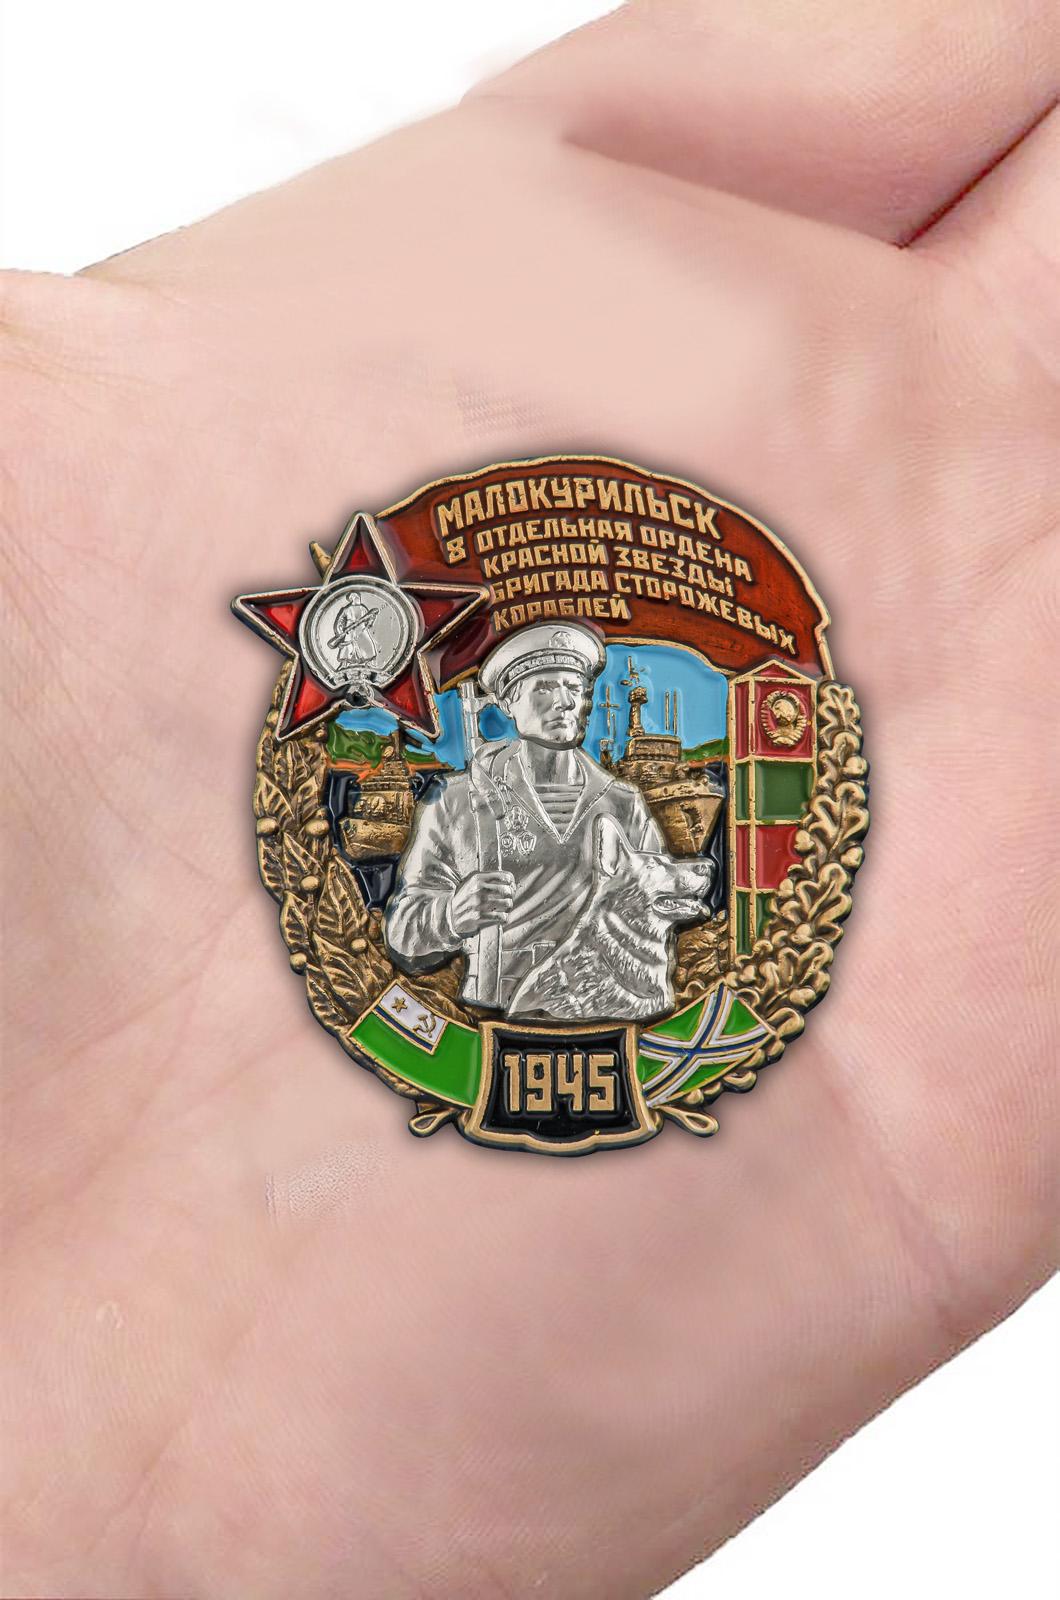 Латунный знак 8 отдельная бригада сторожевых кораблей Малокурильск - вид на ладони